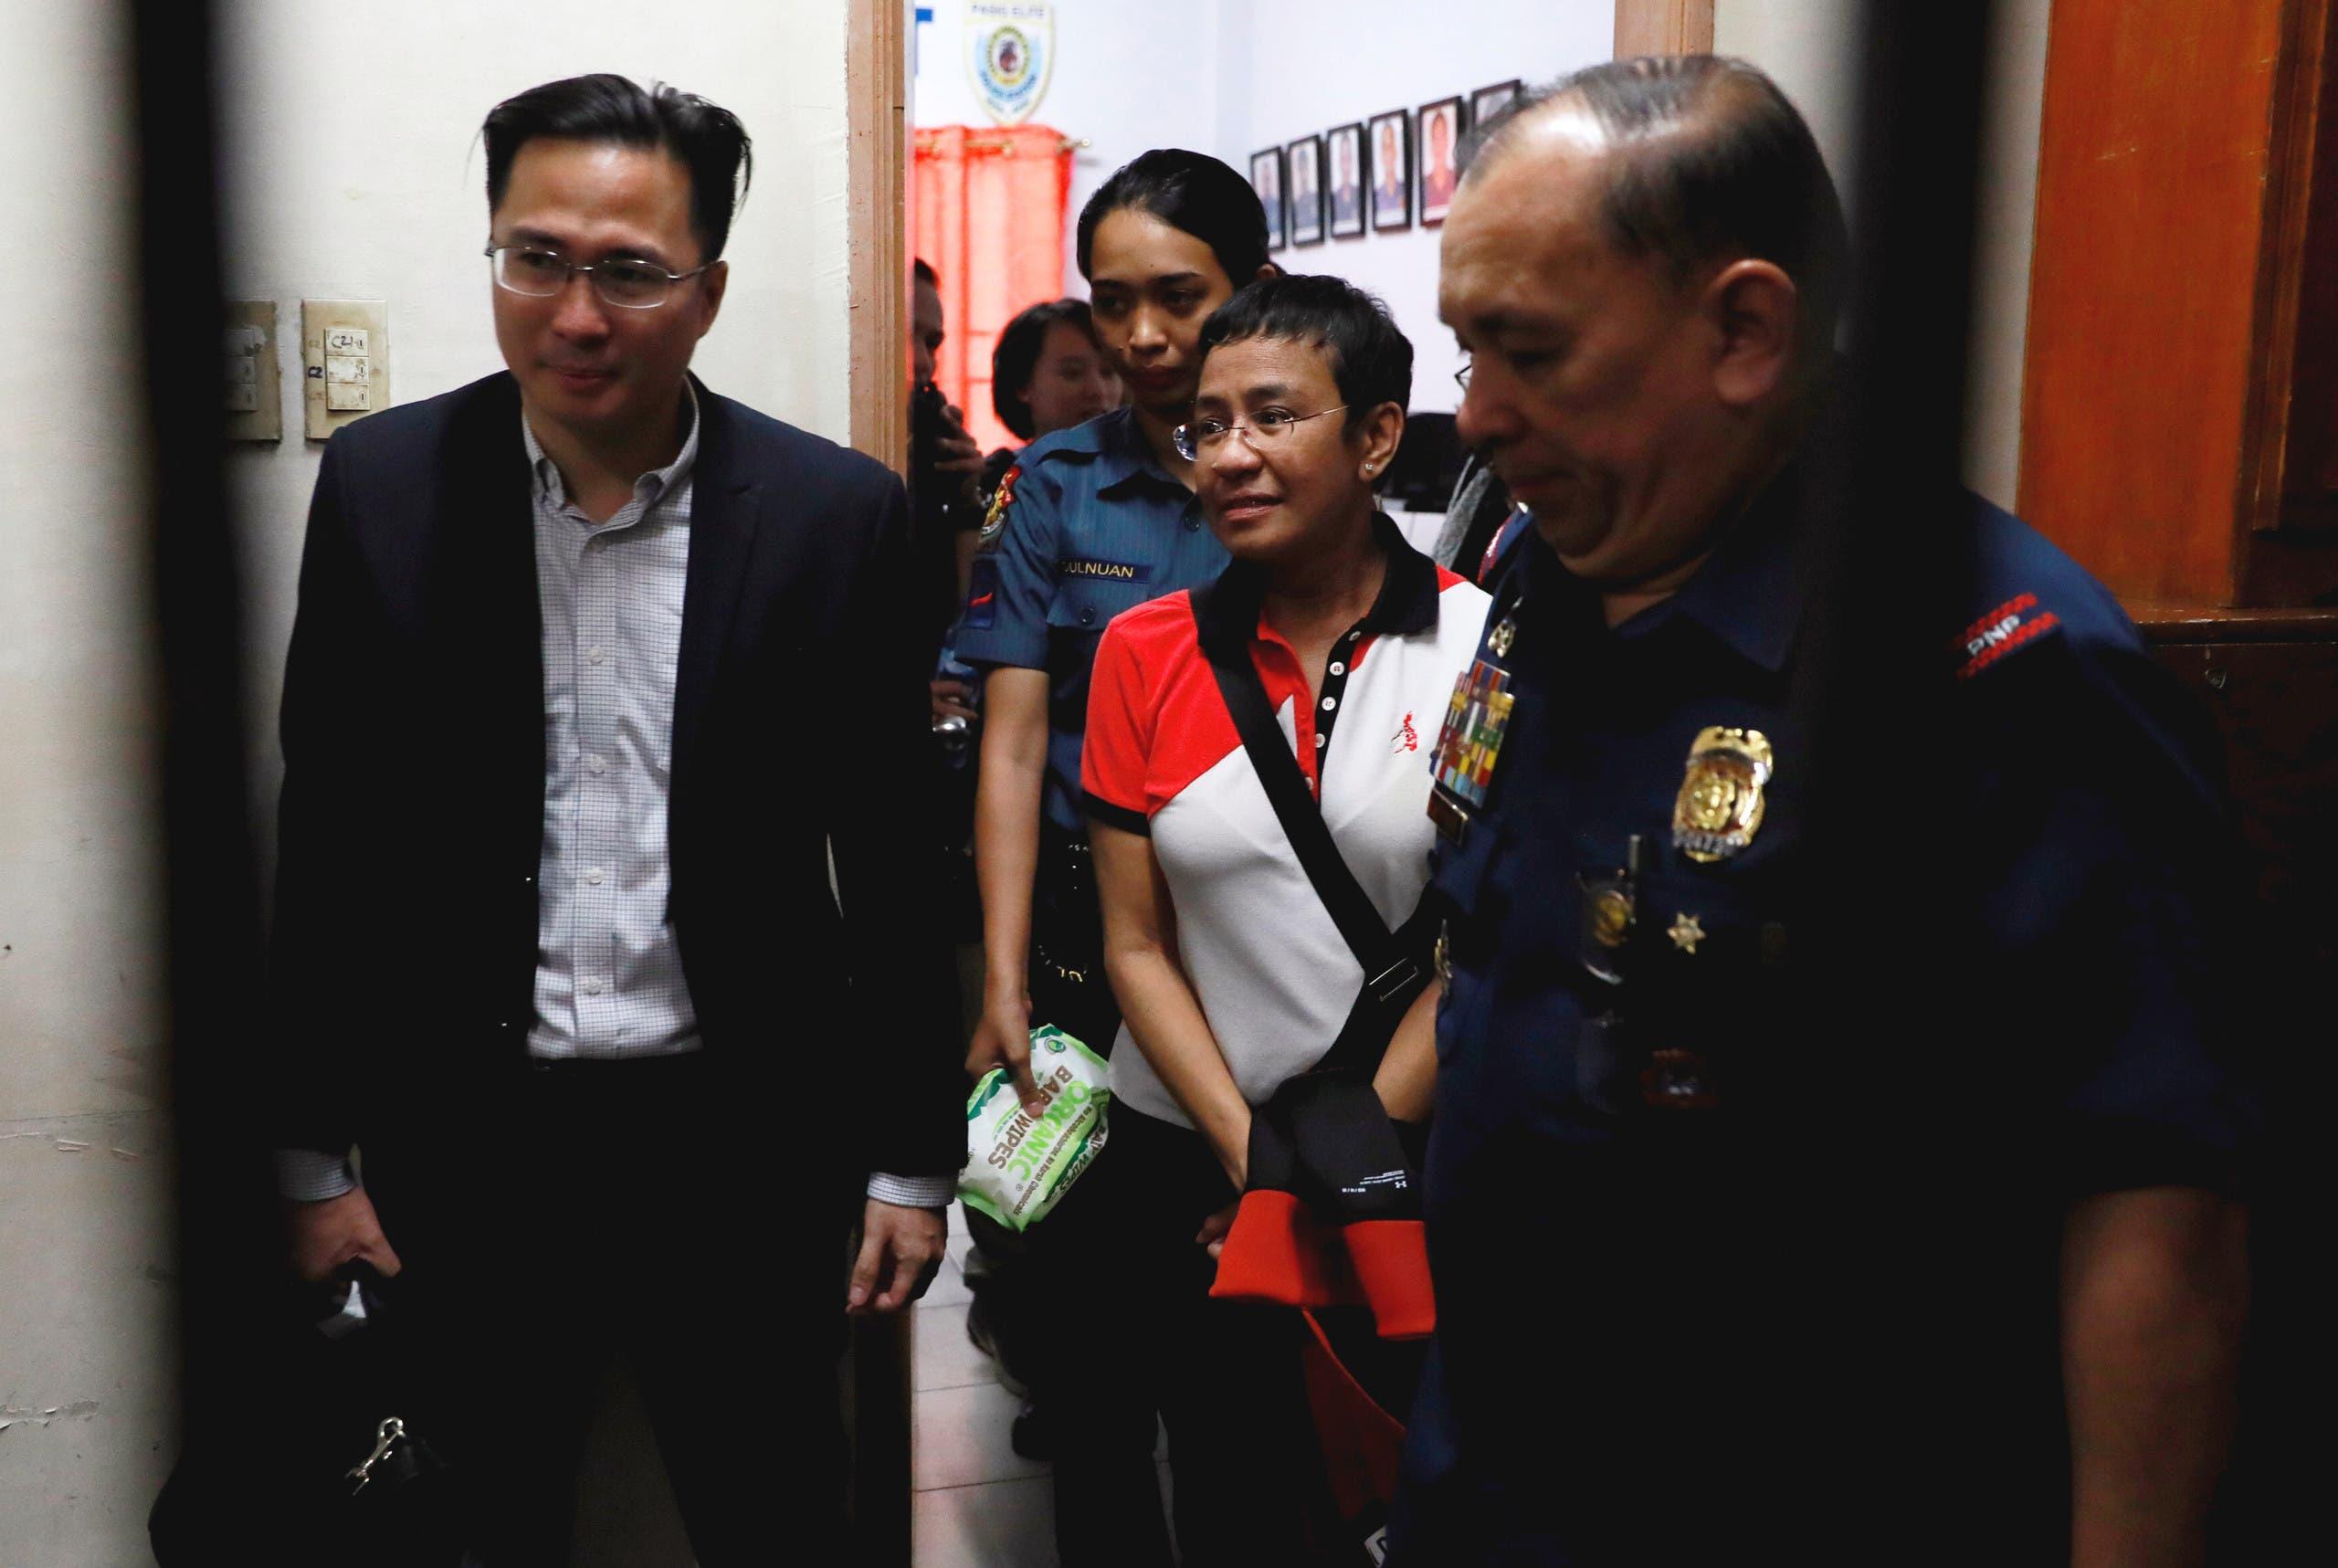 ريسا في أحد مراكز الشرطة في الفلبين في 2019